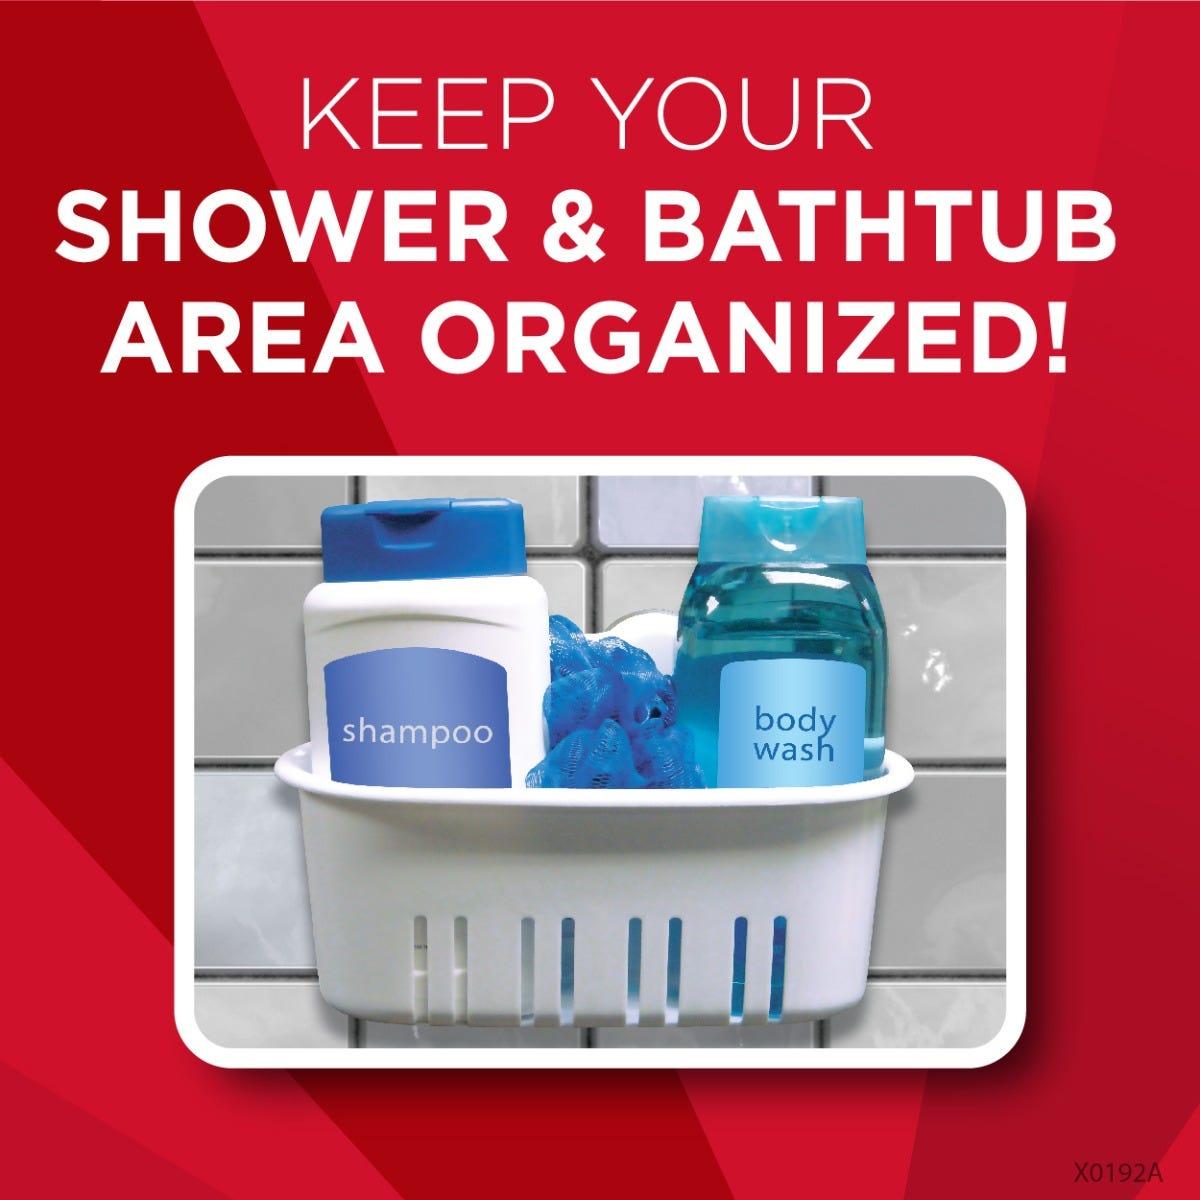 Shower basket in use